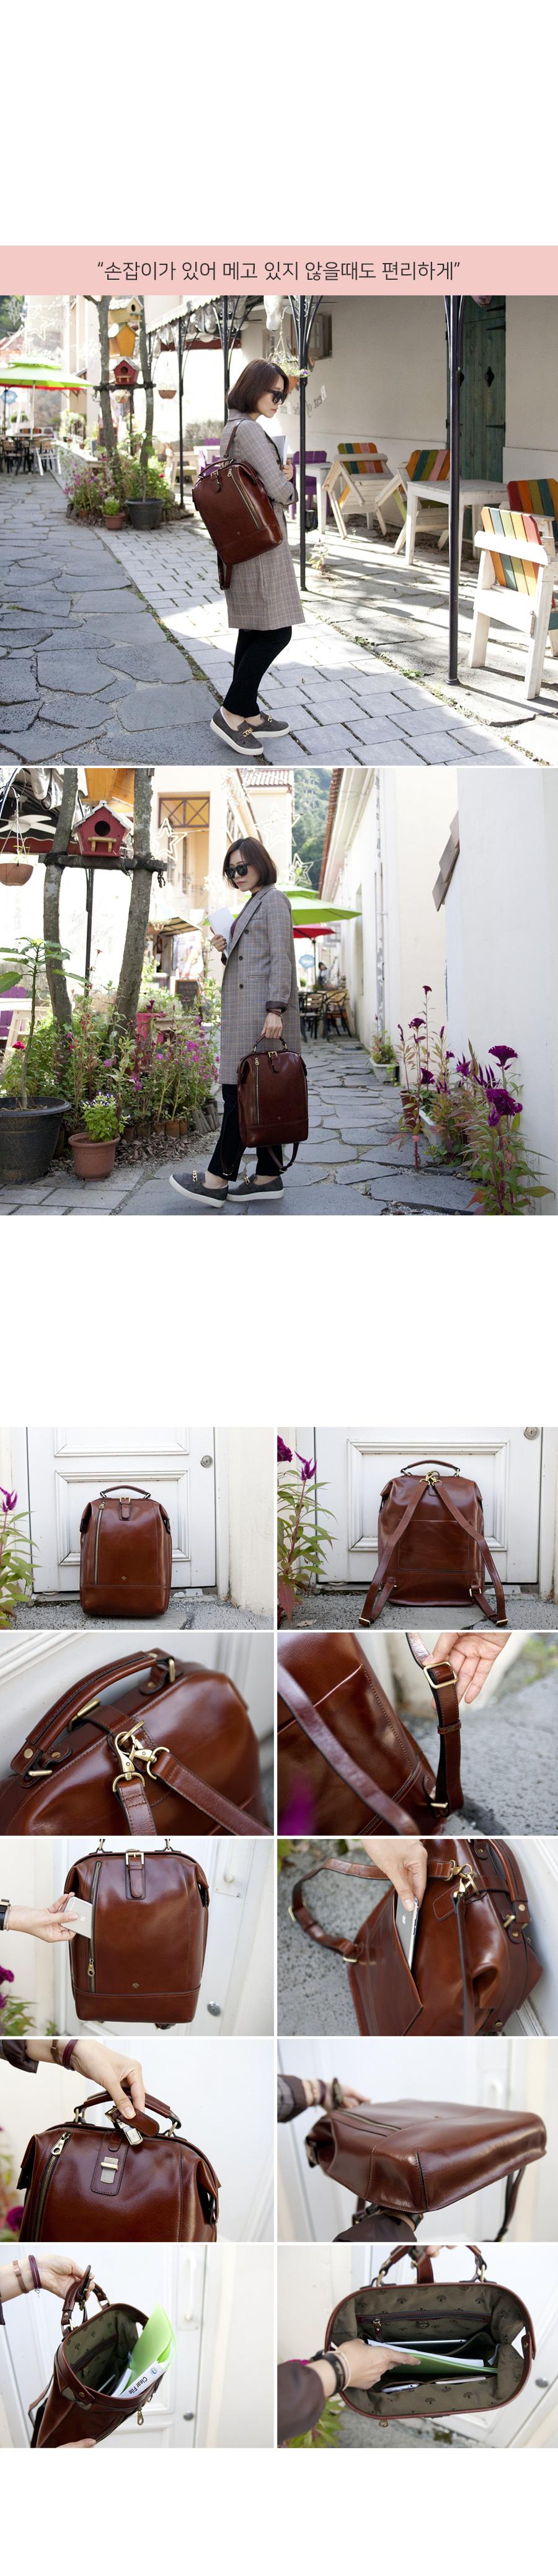 클라우드여자가죽백팩 - 비바시스터, 198,000원, 백팩, 가죽백팩